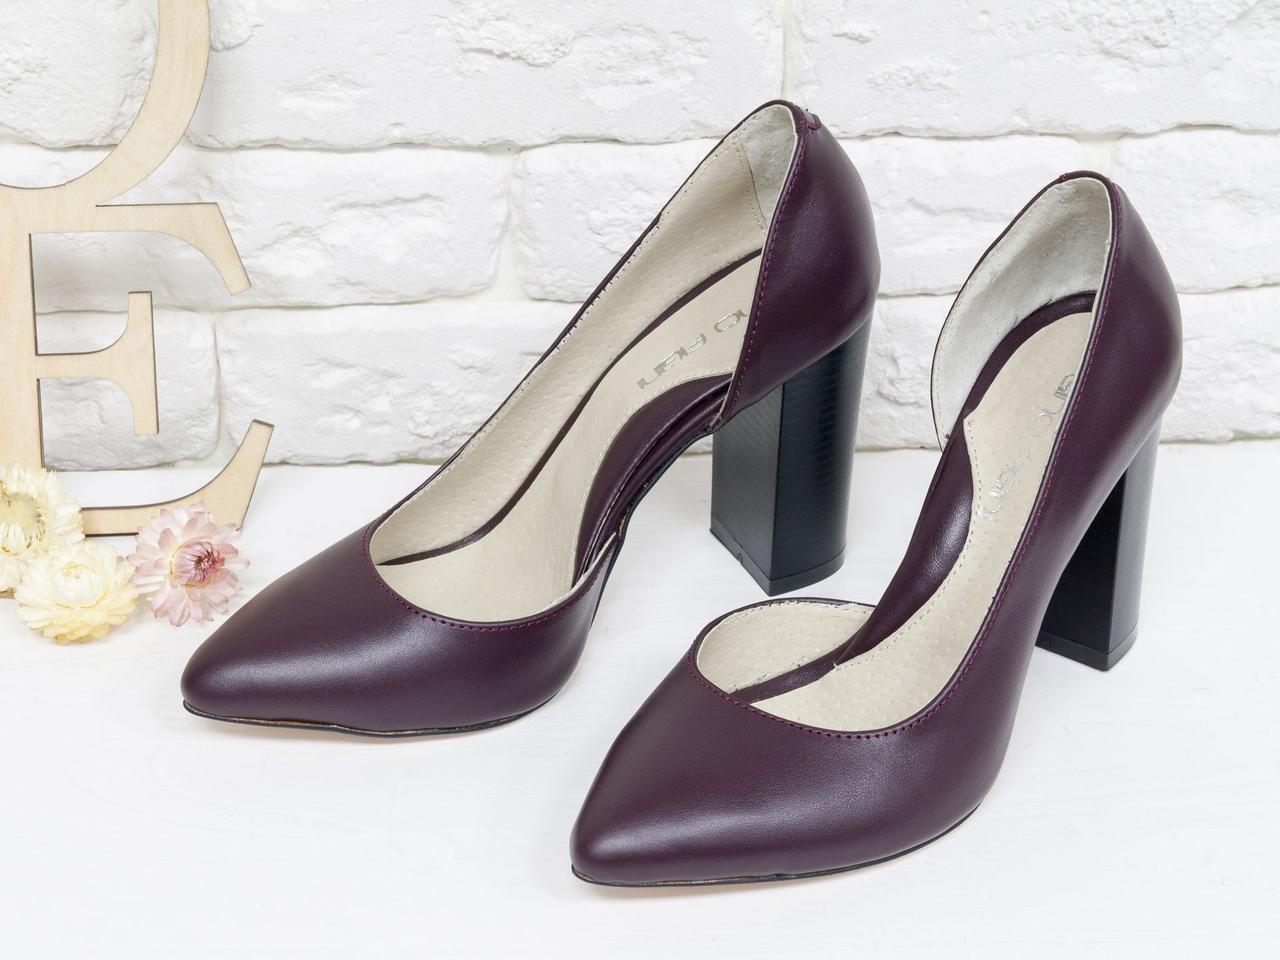 Красивые женские туфли из натуральной кожи бордового цвета 36-40р